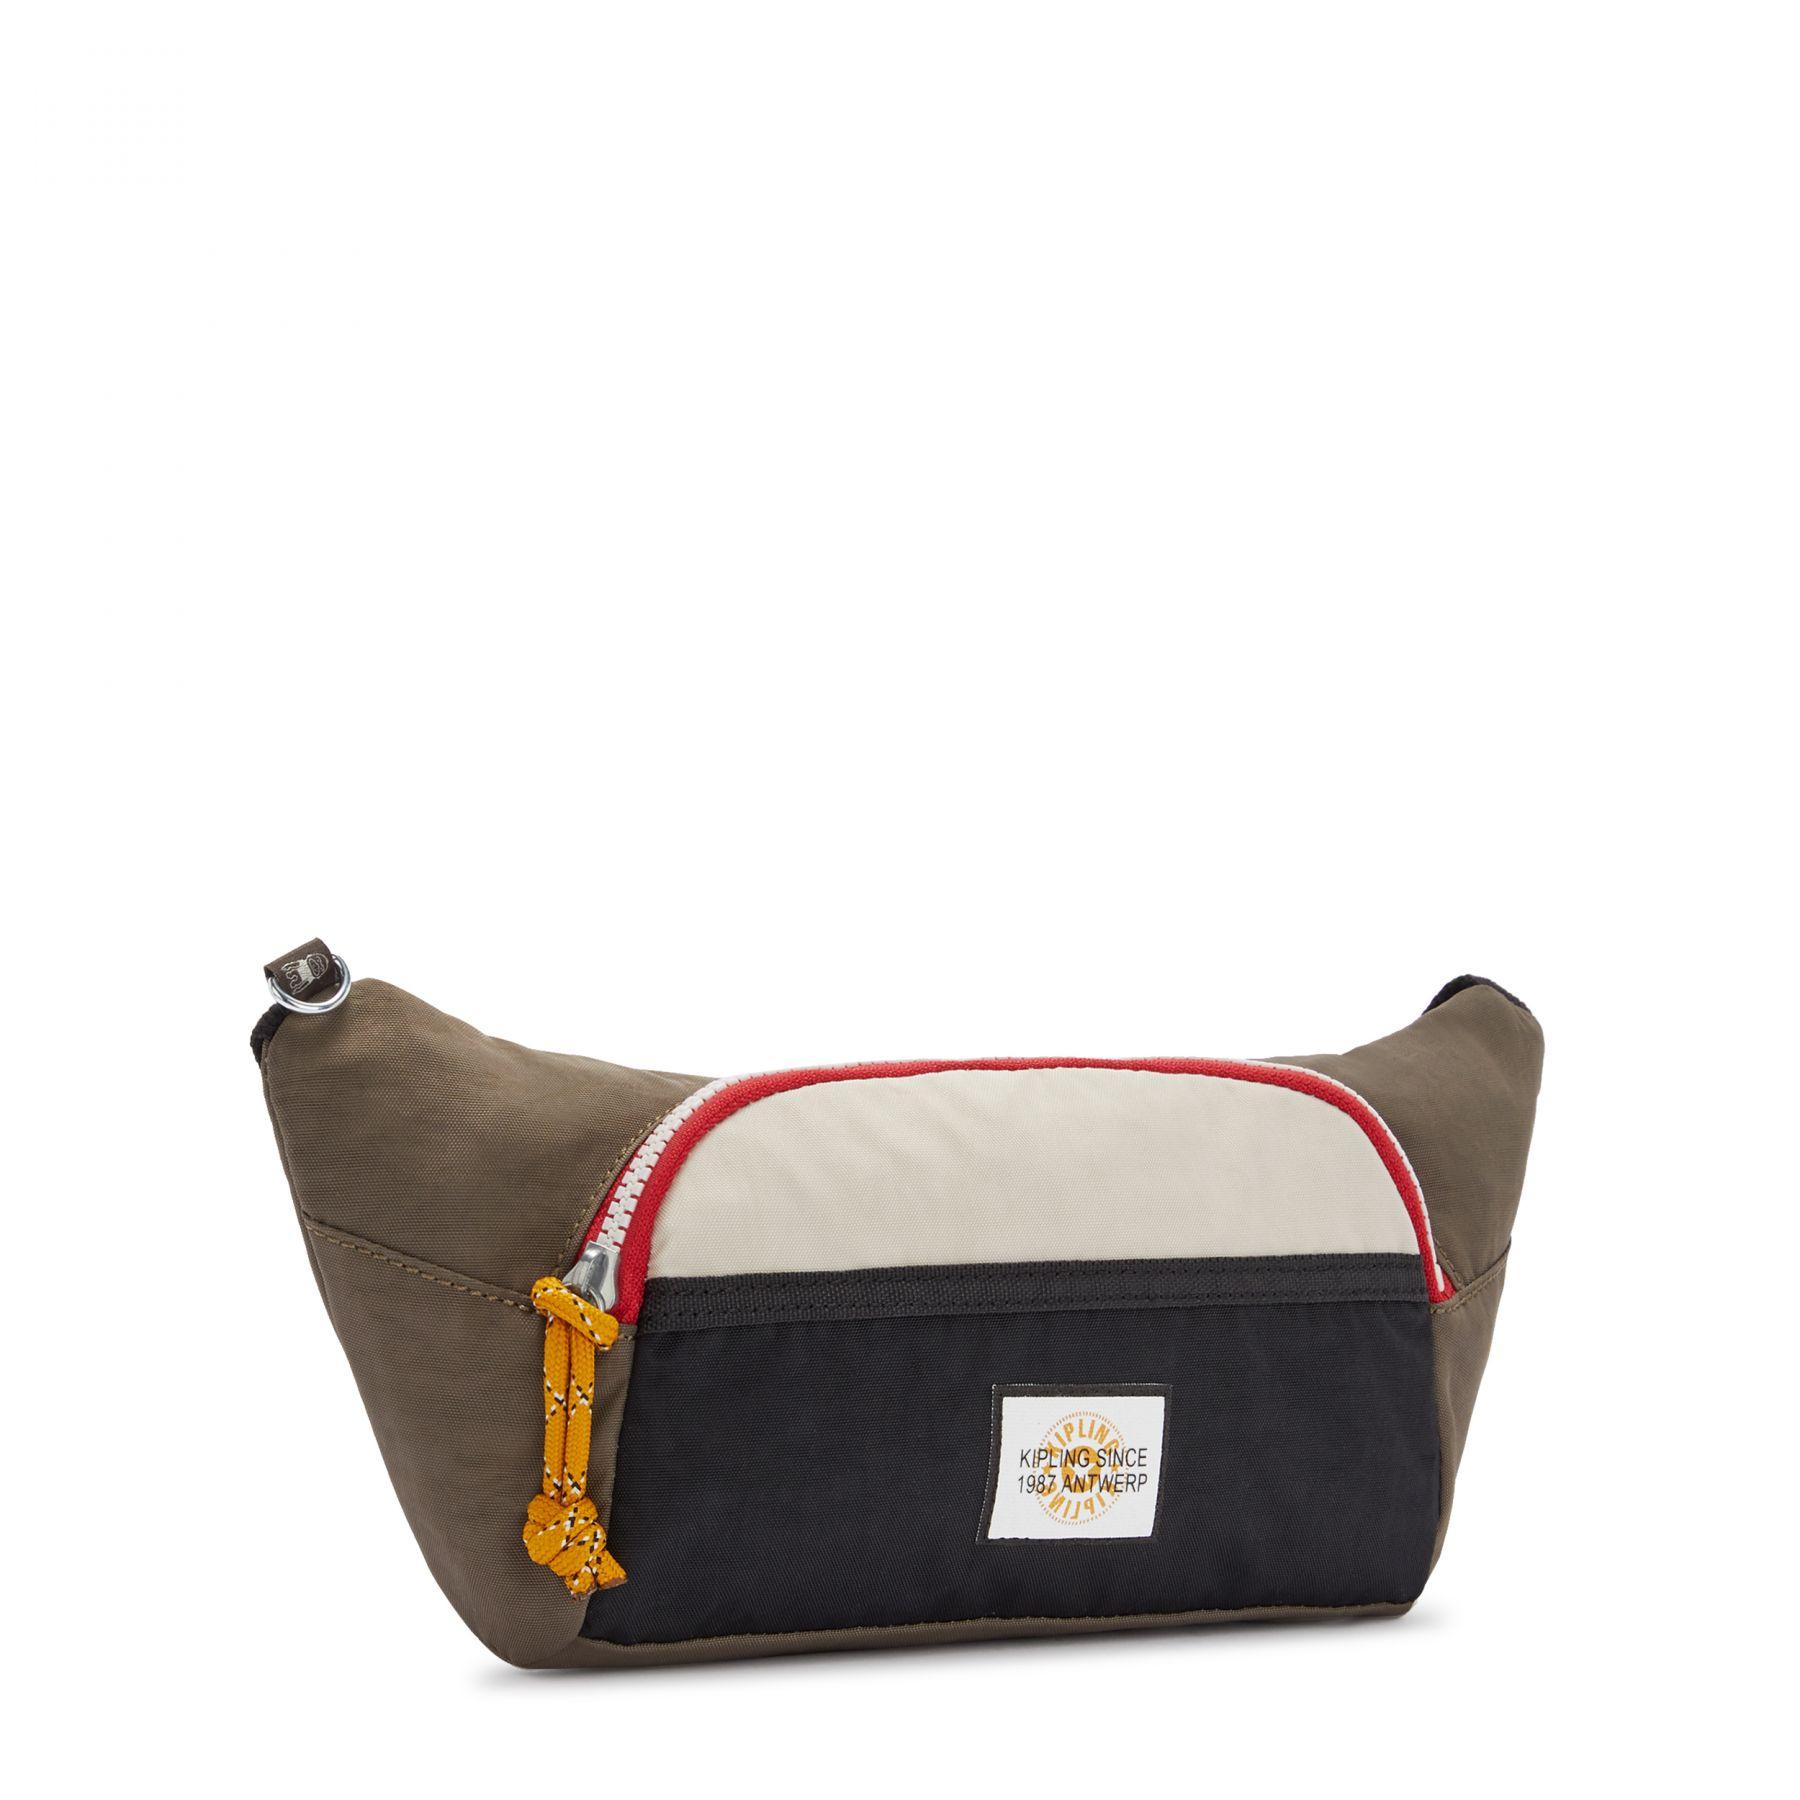 YURA BAGS by Kipling